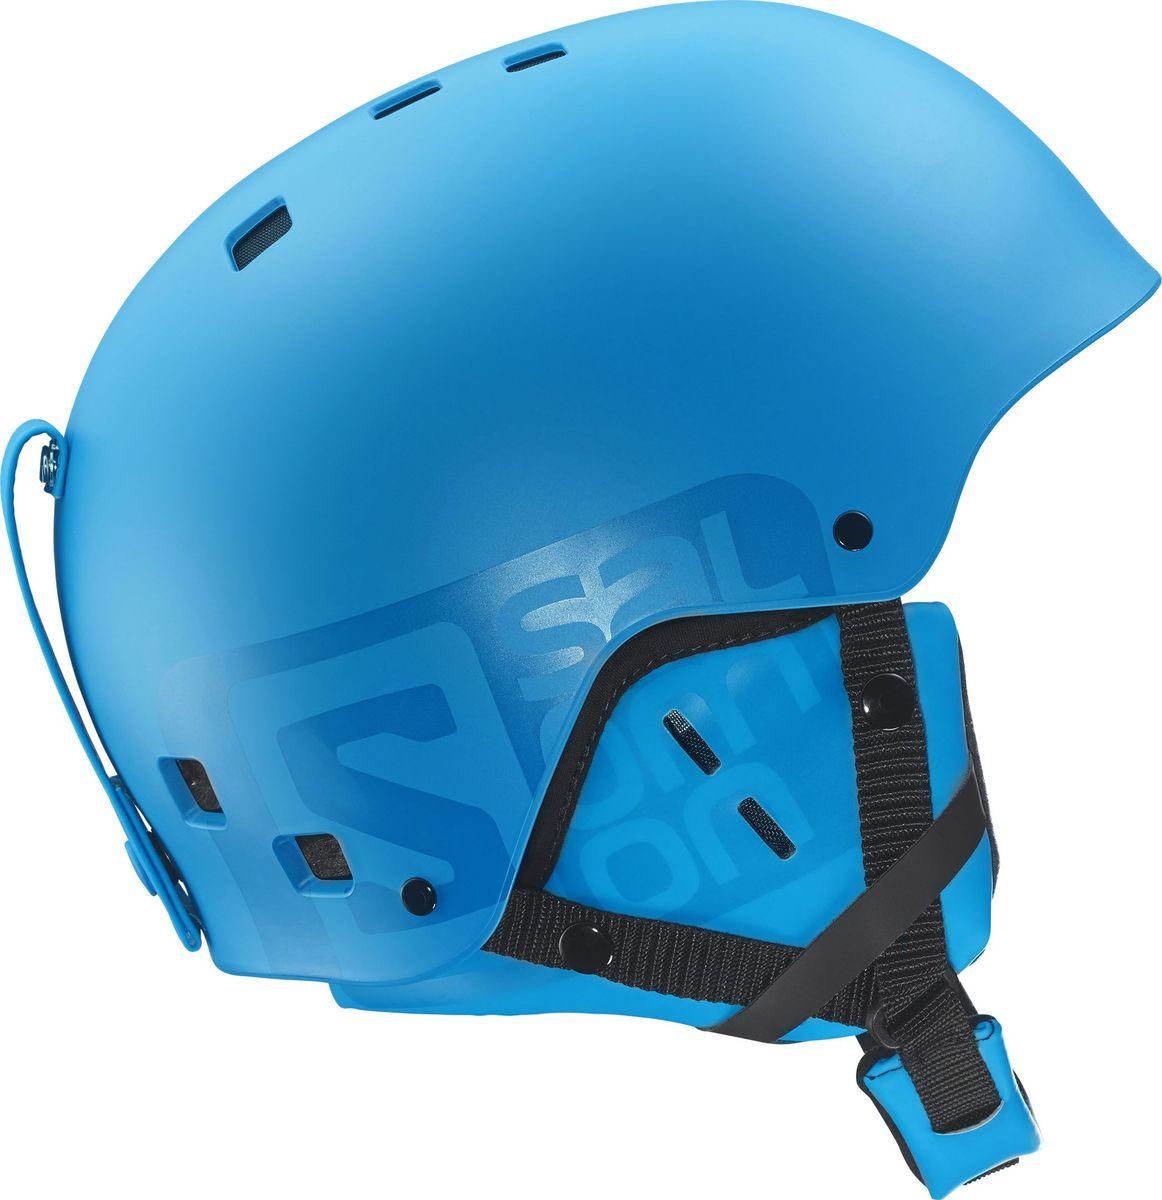 Шлем горнолыжный Salomon Helmet Brigade Blue Matt. Размер S (55/56)L37776400Горнолыжный шлем с литой внешней прочной поверхностью и съемными накладками на уши. Внутренний слой из вспененного материала ABS+EPS особой формы отлично поглощает как прямые удары, так и угловые. Стреп на подбородок выполнен из мягкого текстиля и оснащен застежкой-защелкой.Съемная подкладка, которую можно стирать при необходимости.